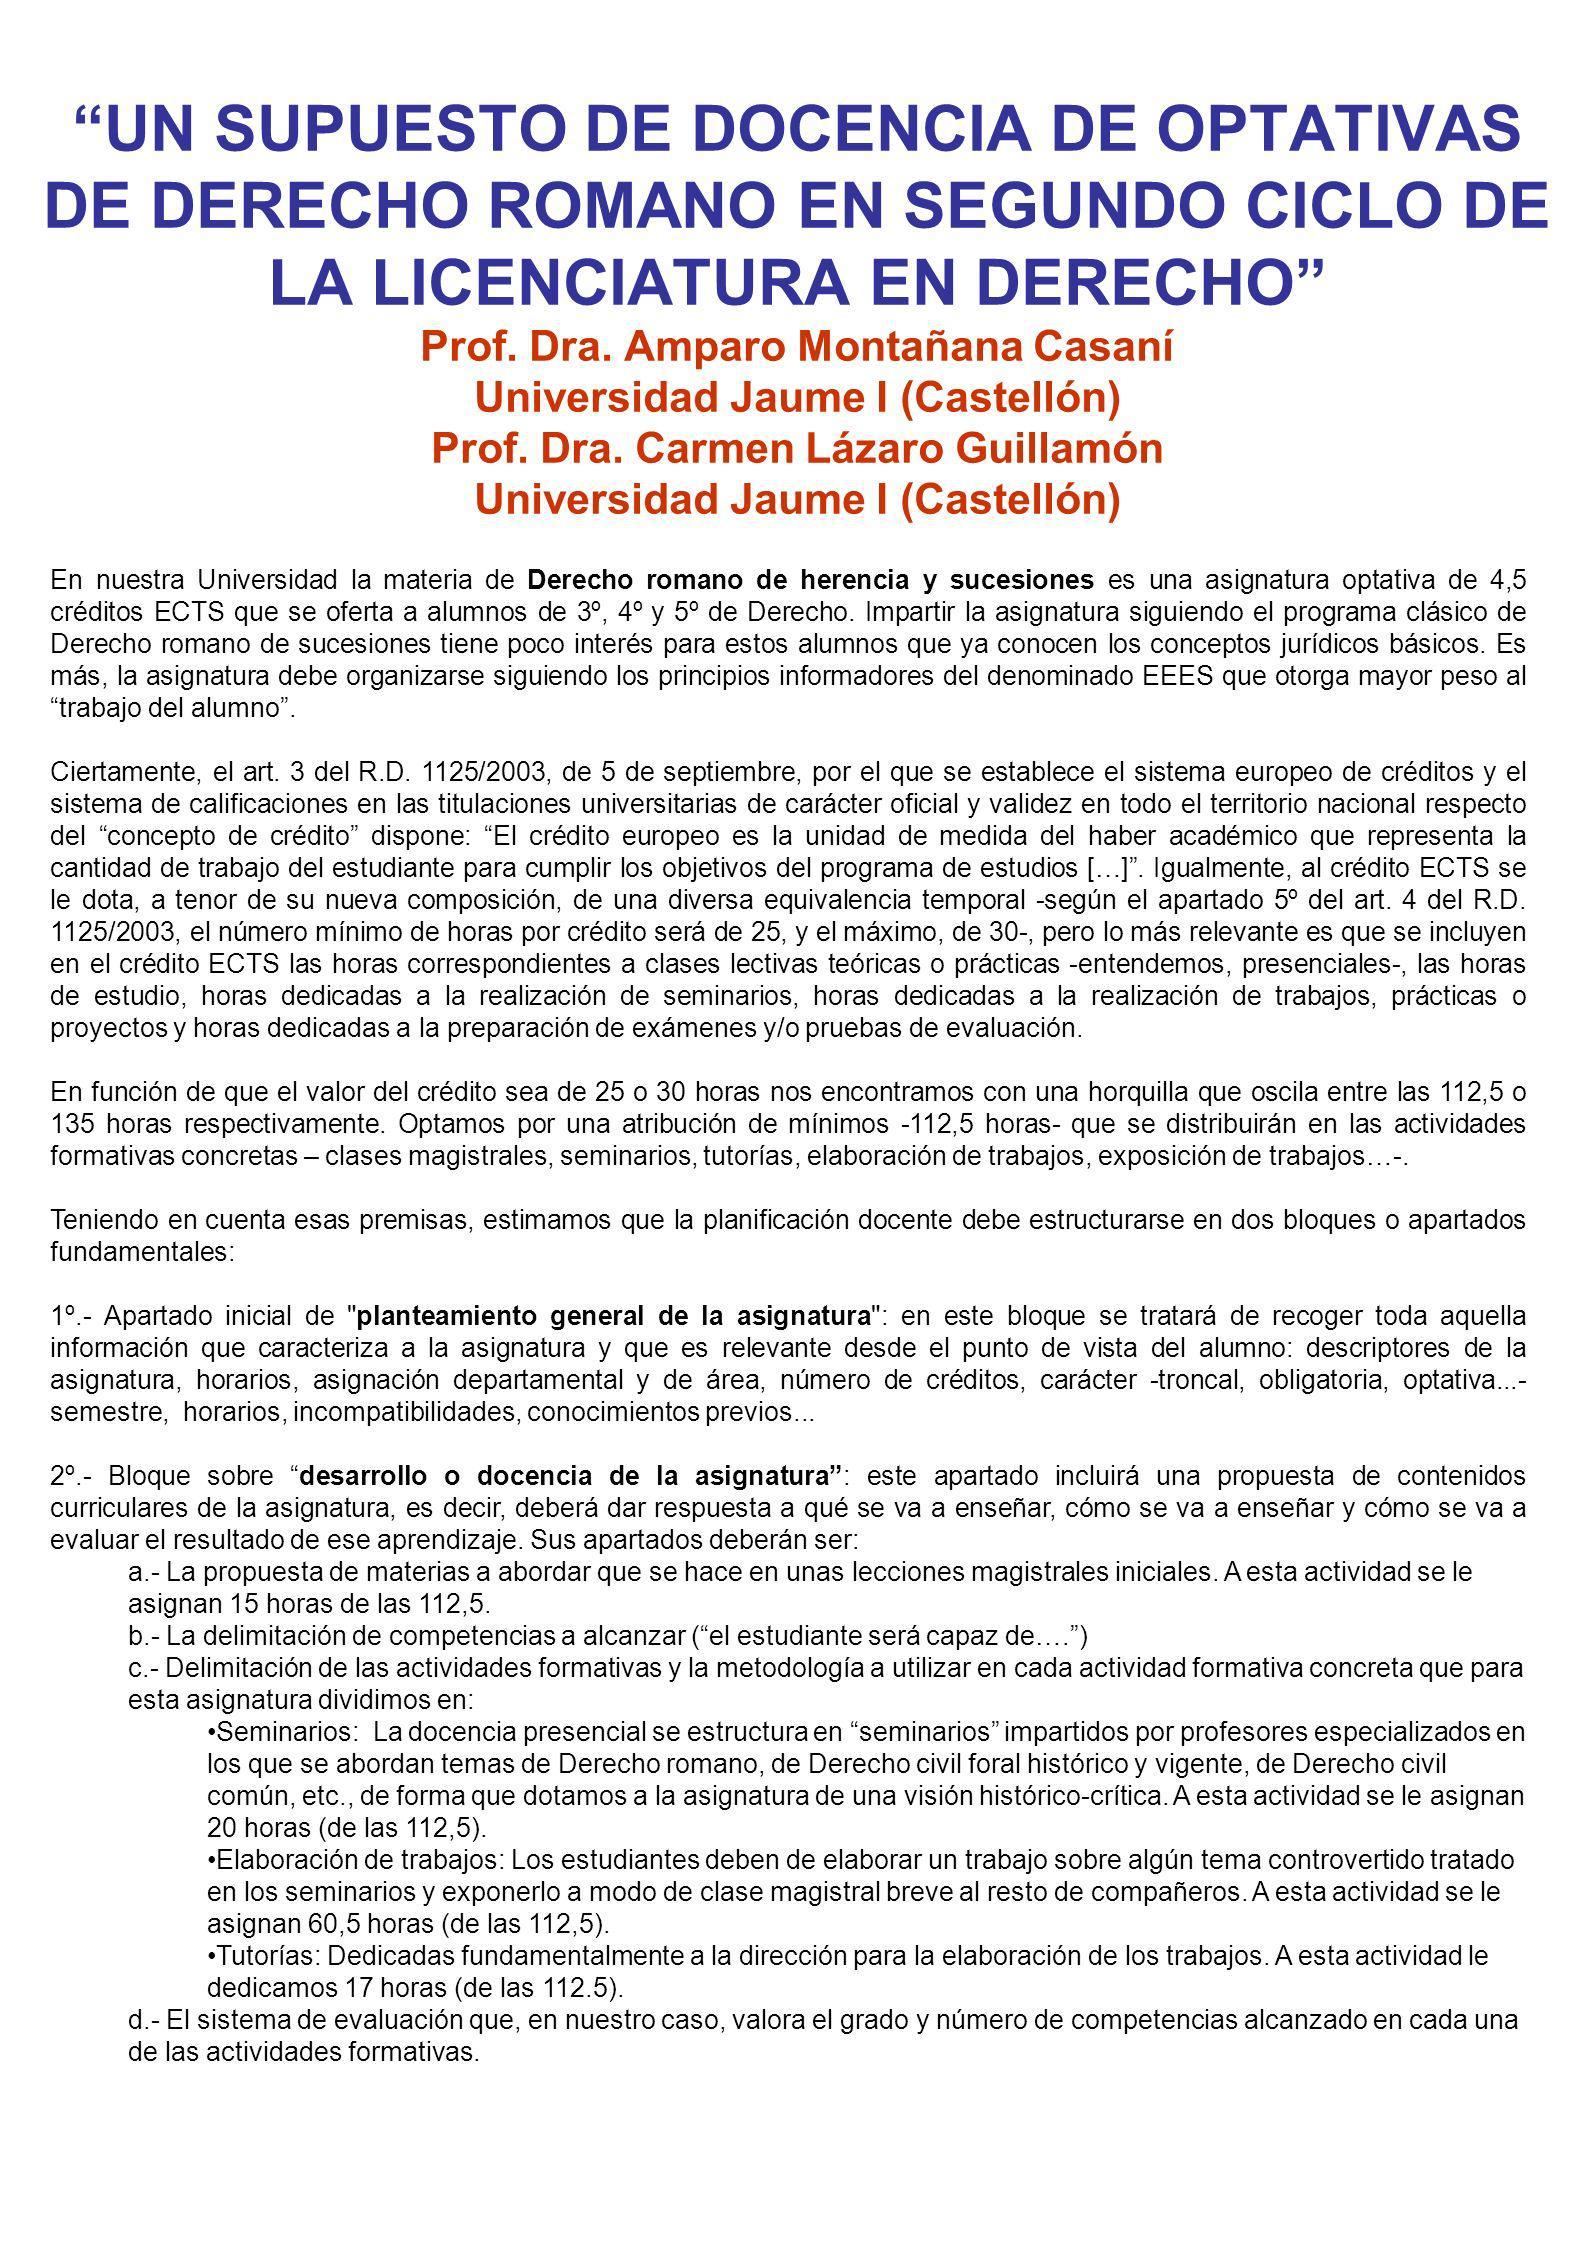 UN SUPUESTO DE DOCENCIA DE OPTATIVAS DE DERECHO ROMANO EN SEGUNDO CICLO DE LA LICENCIATURA EN DERECHO Prof.